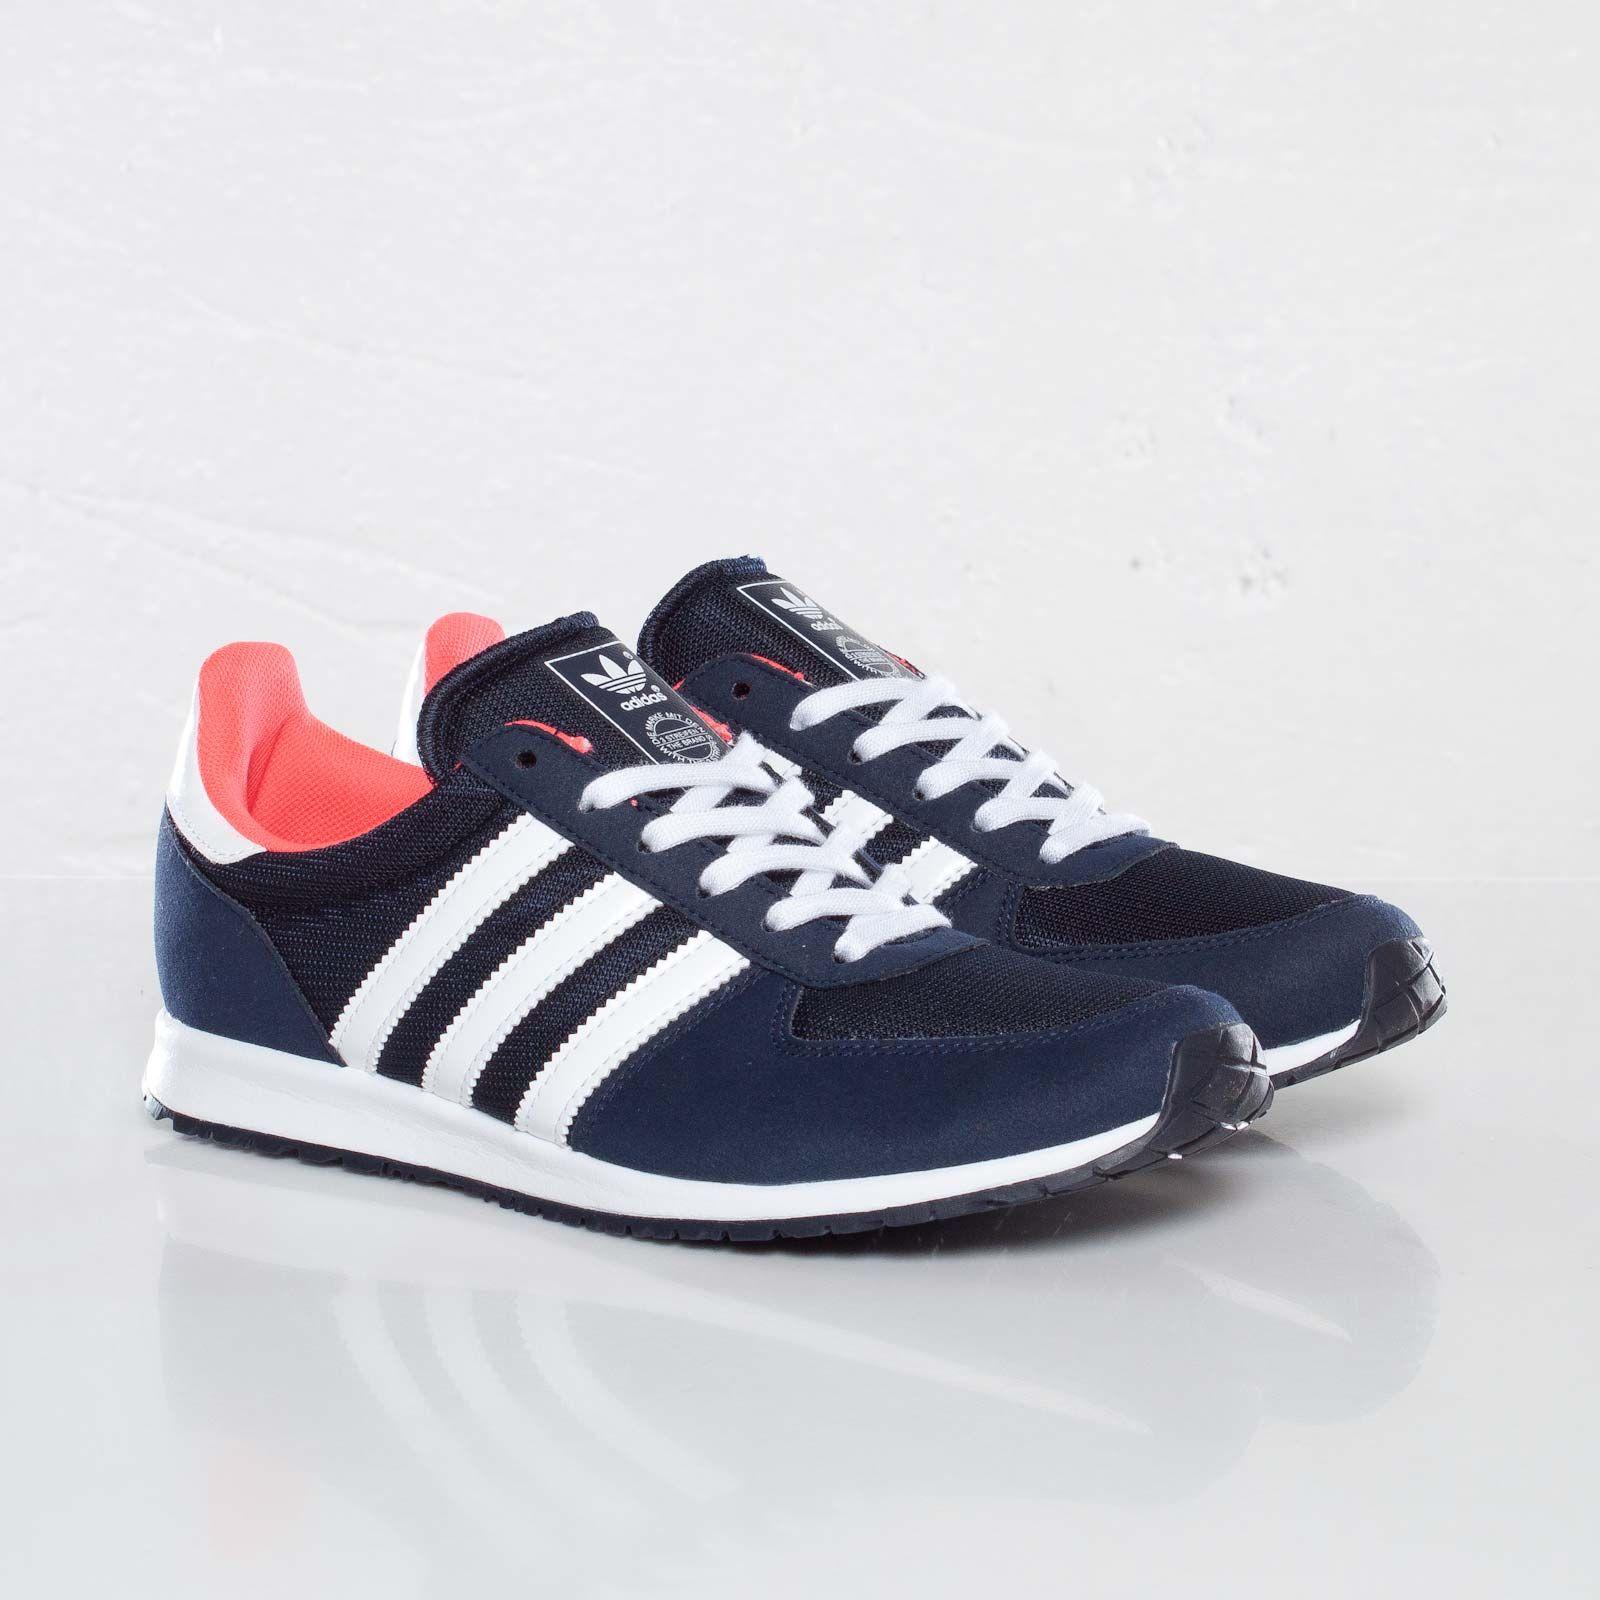 DISCOUNT Adidas Adistar Racer W Black